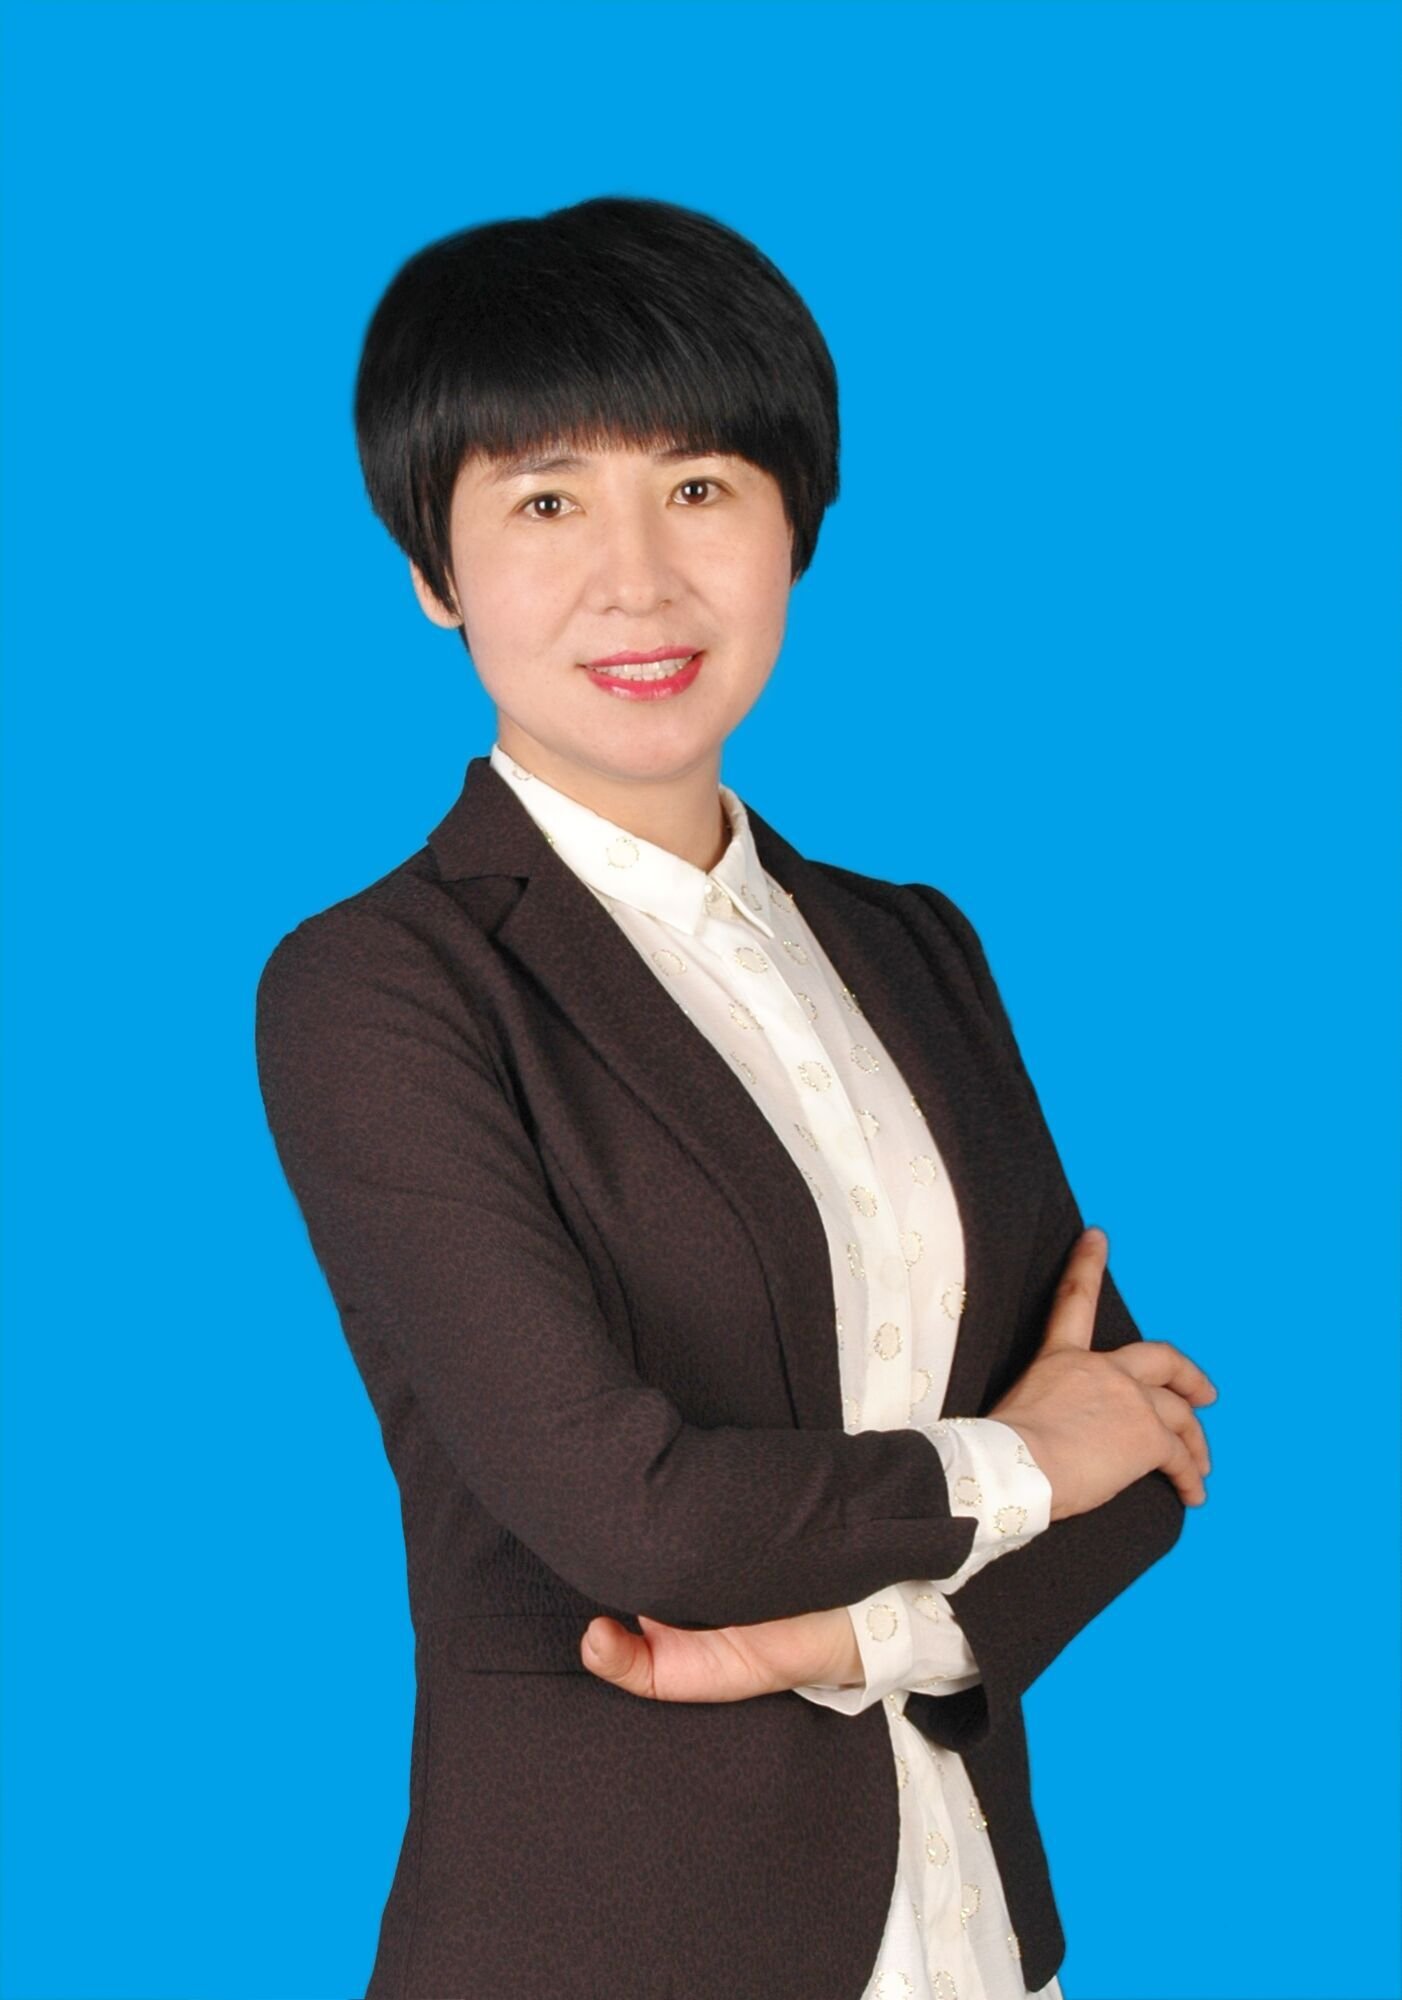 太原律師-崔化琴